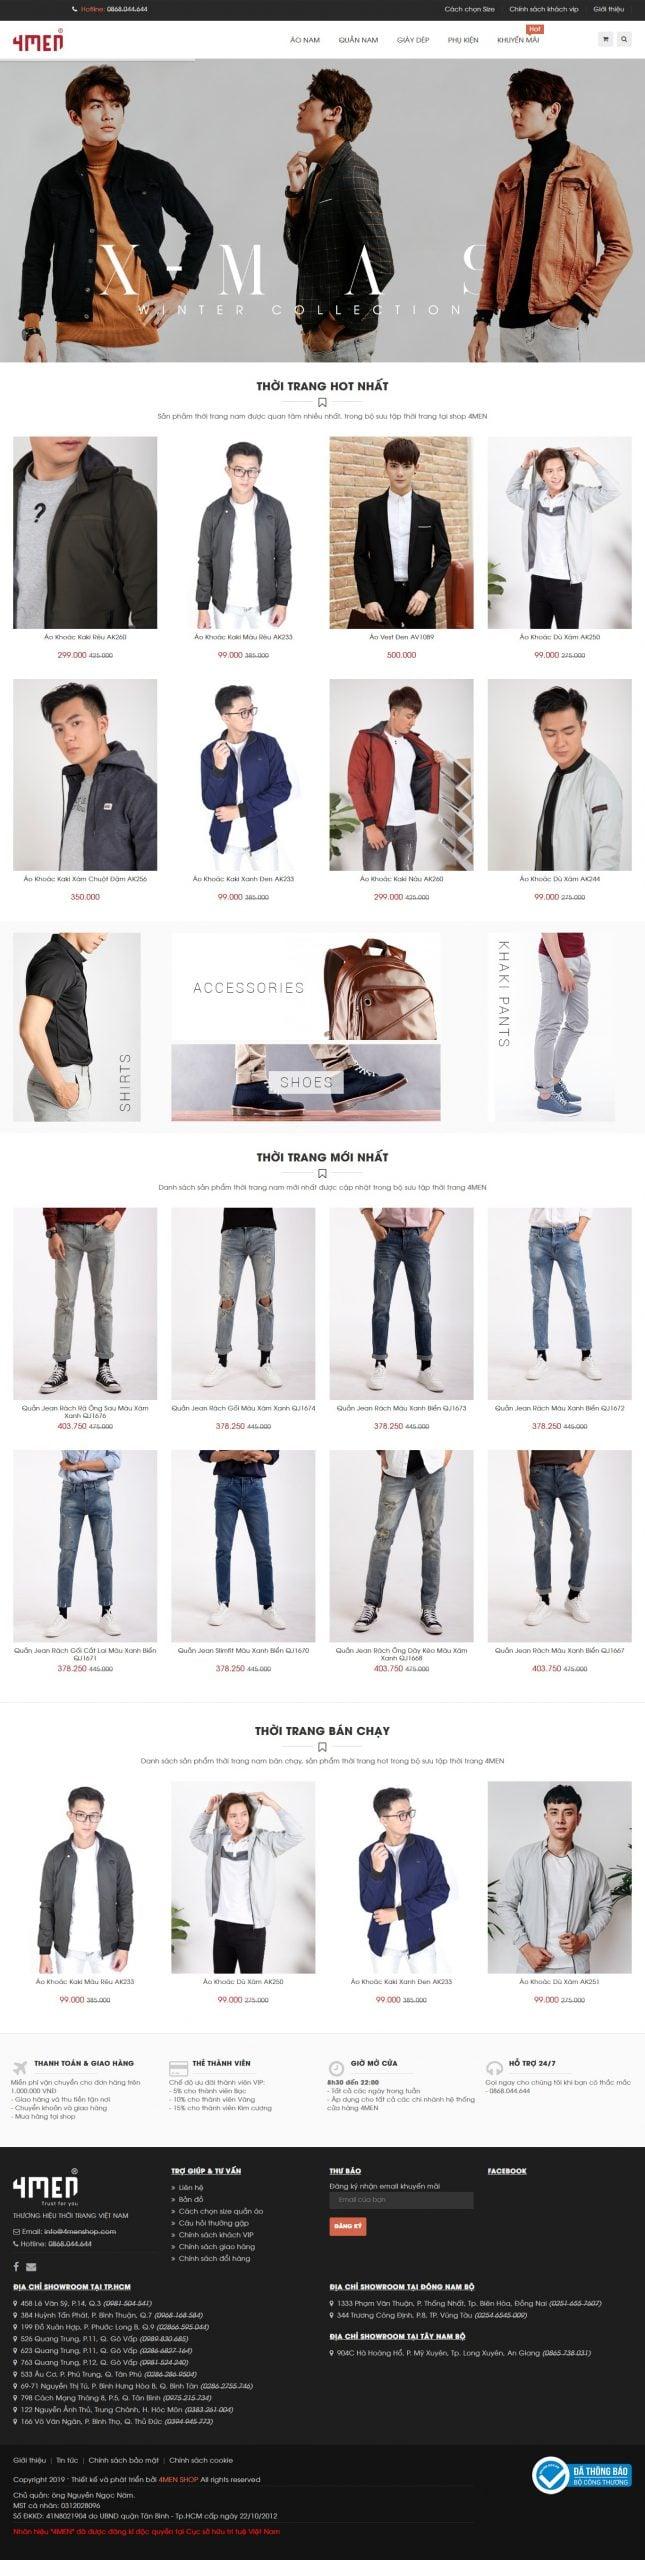 Mẫu thiết kế website bán hàng -4menshop.com 4MEN – Thương hiệu thời trang nam Hàn Quốc đẹp giá rẻ